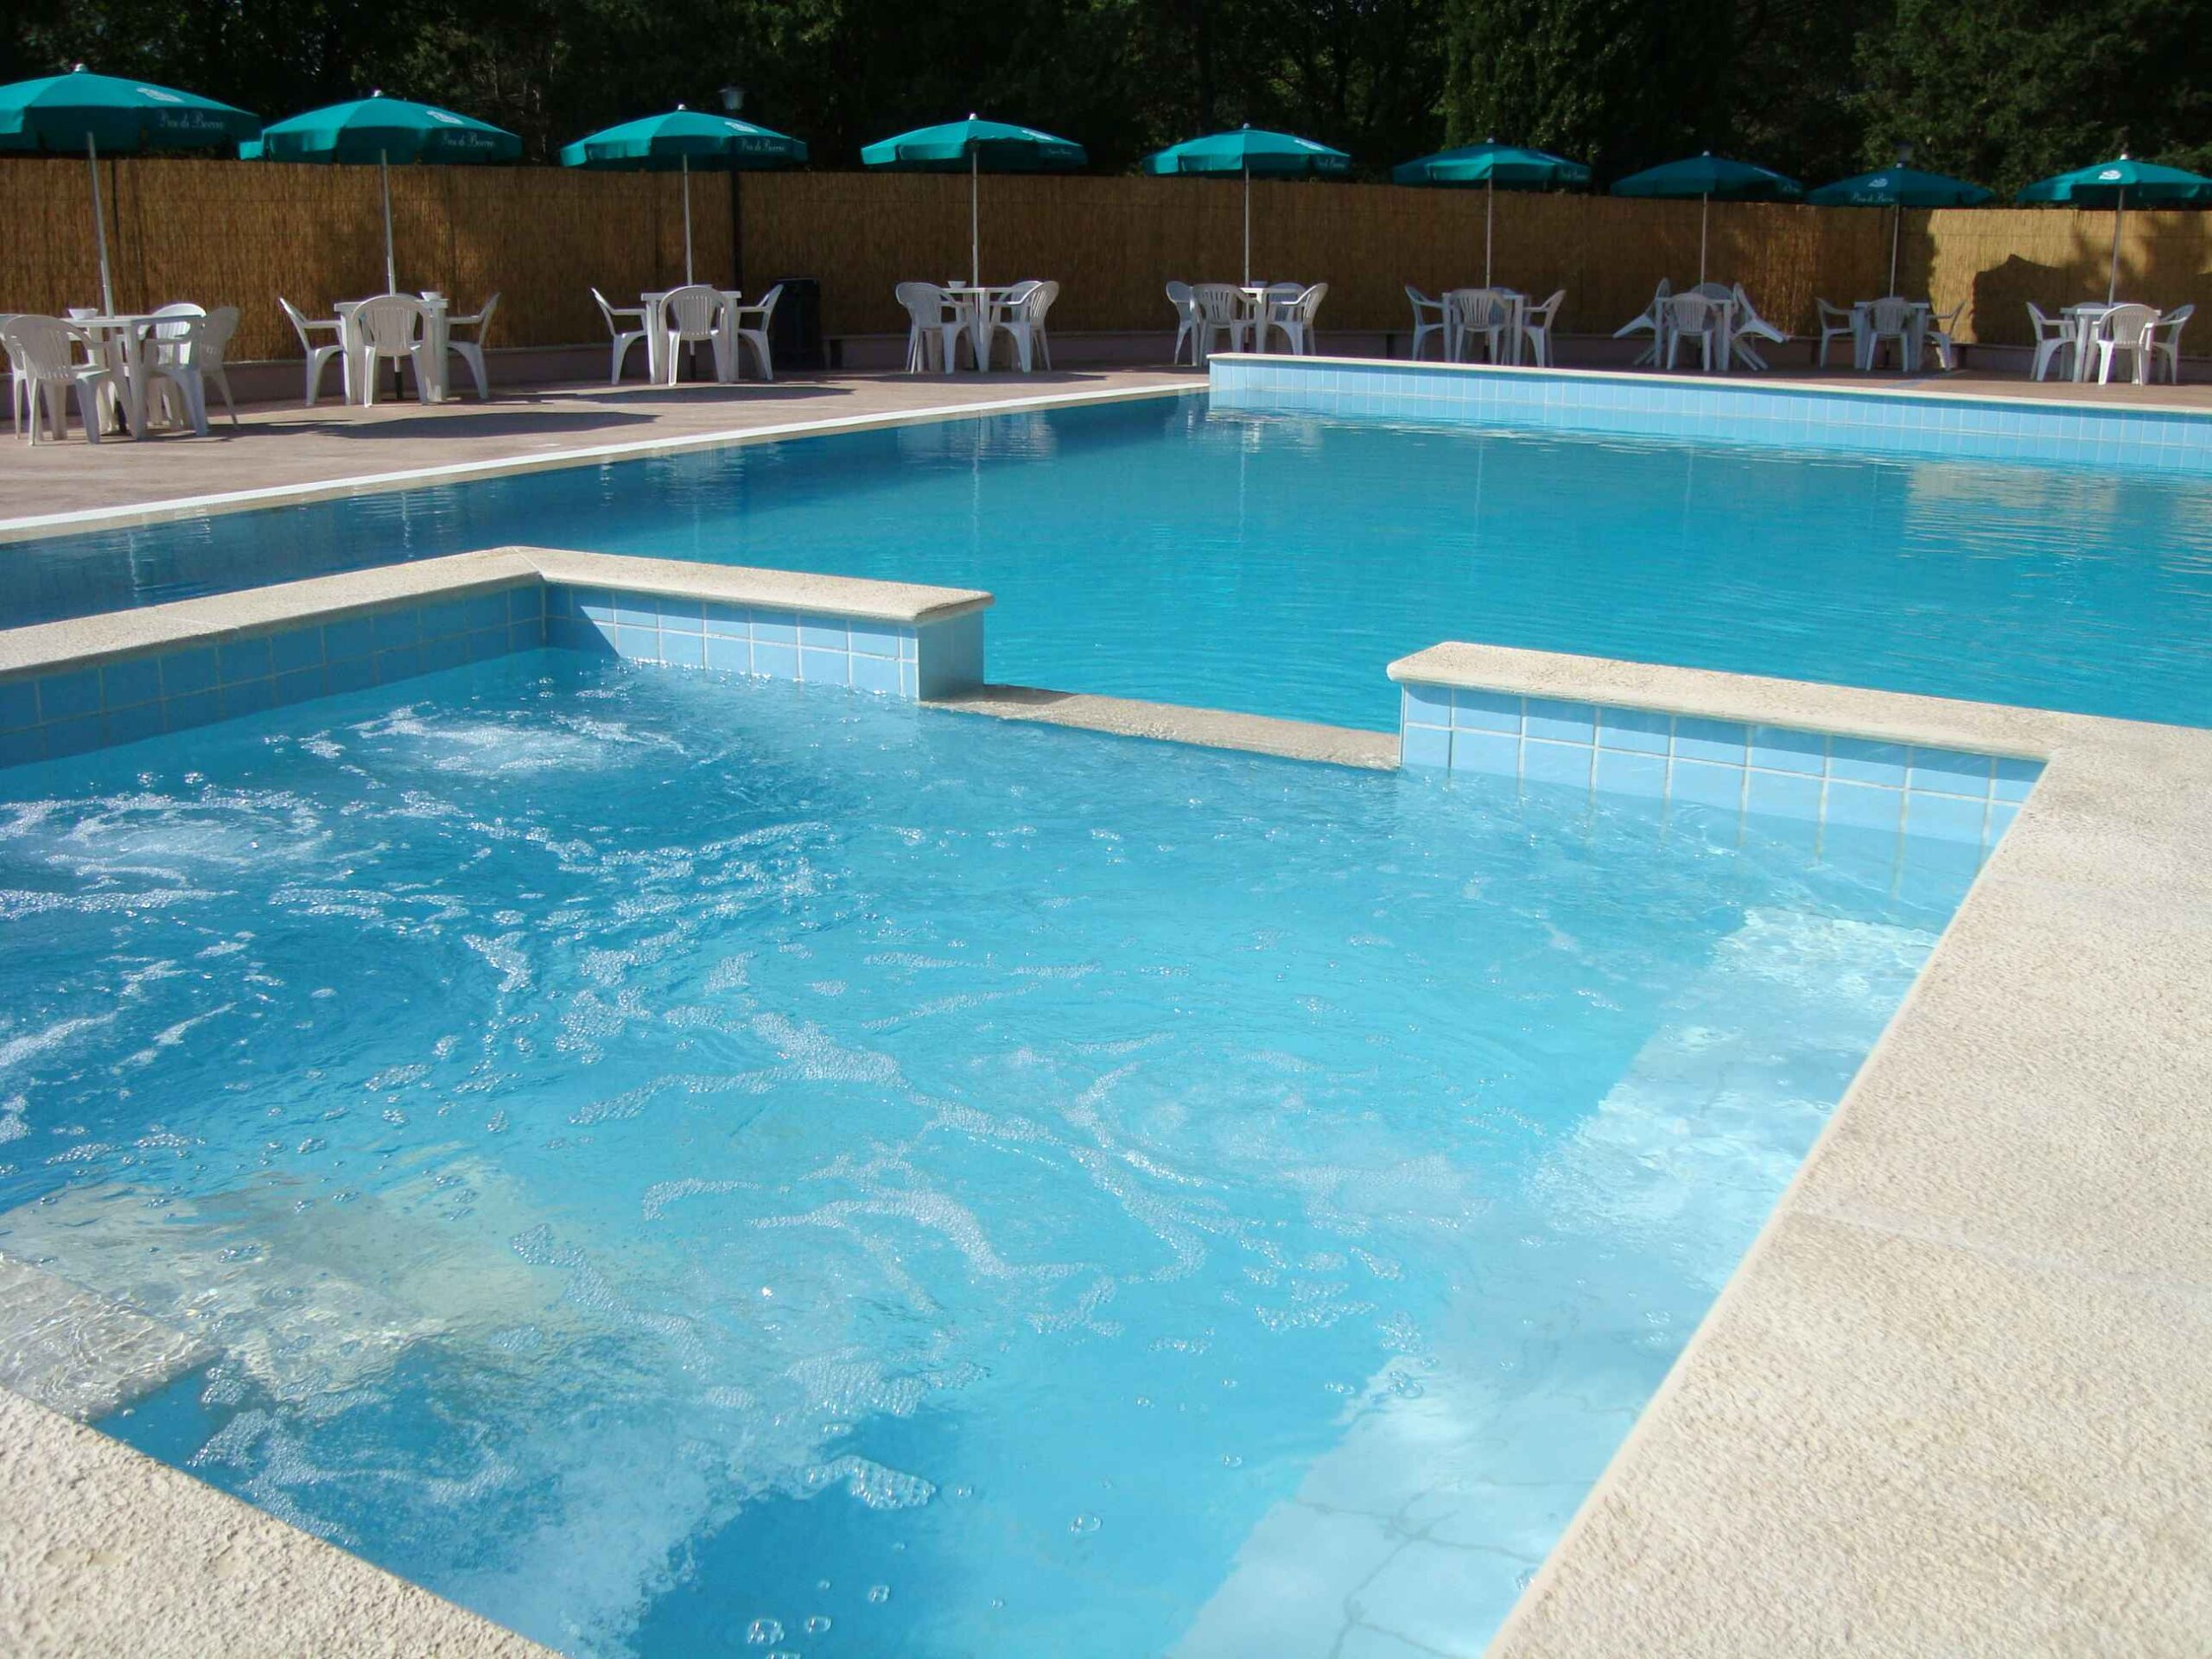 appartamenti familiari con piscina a bevagna